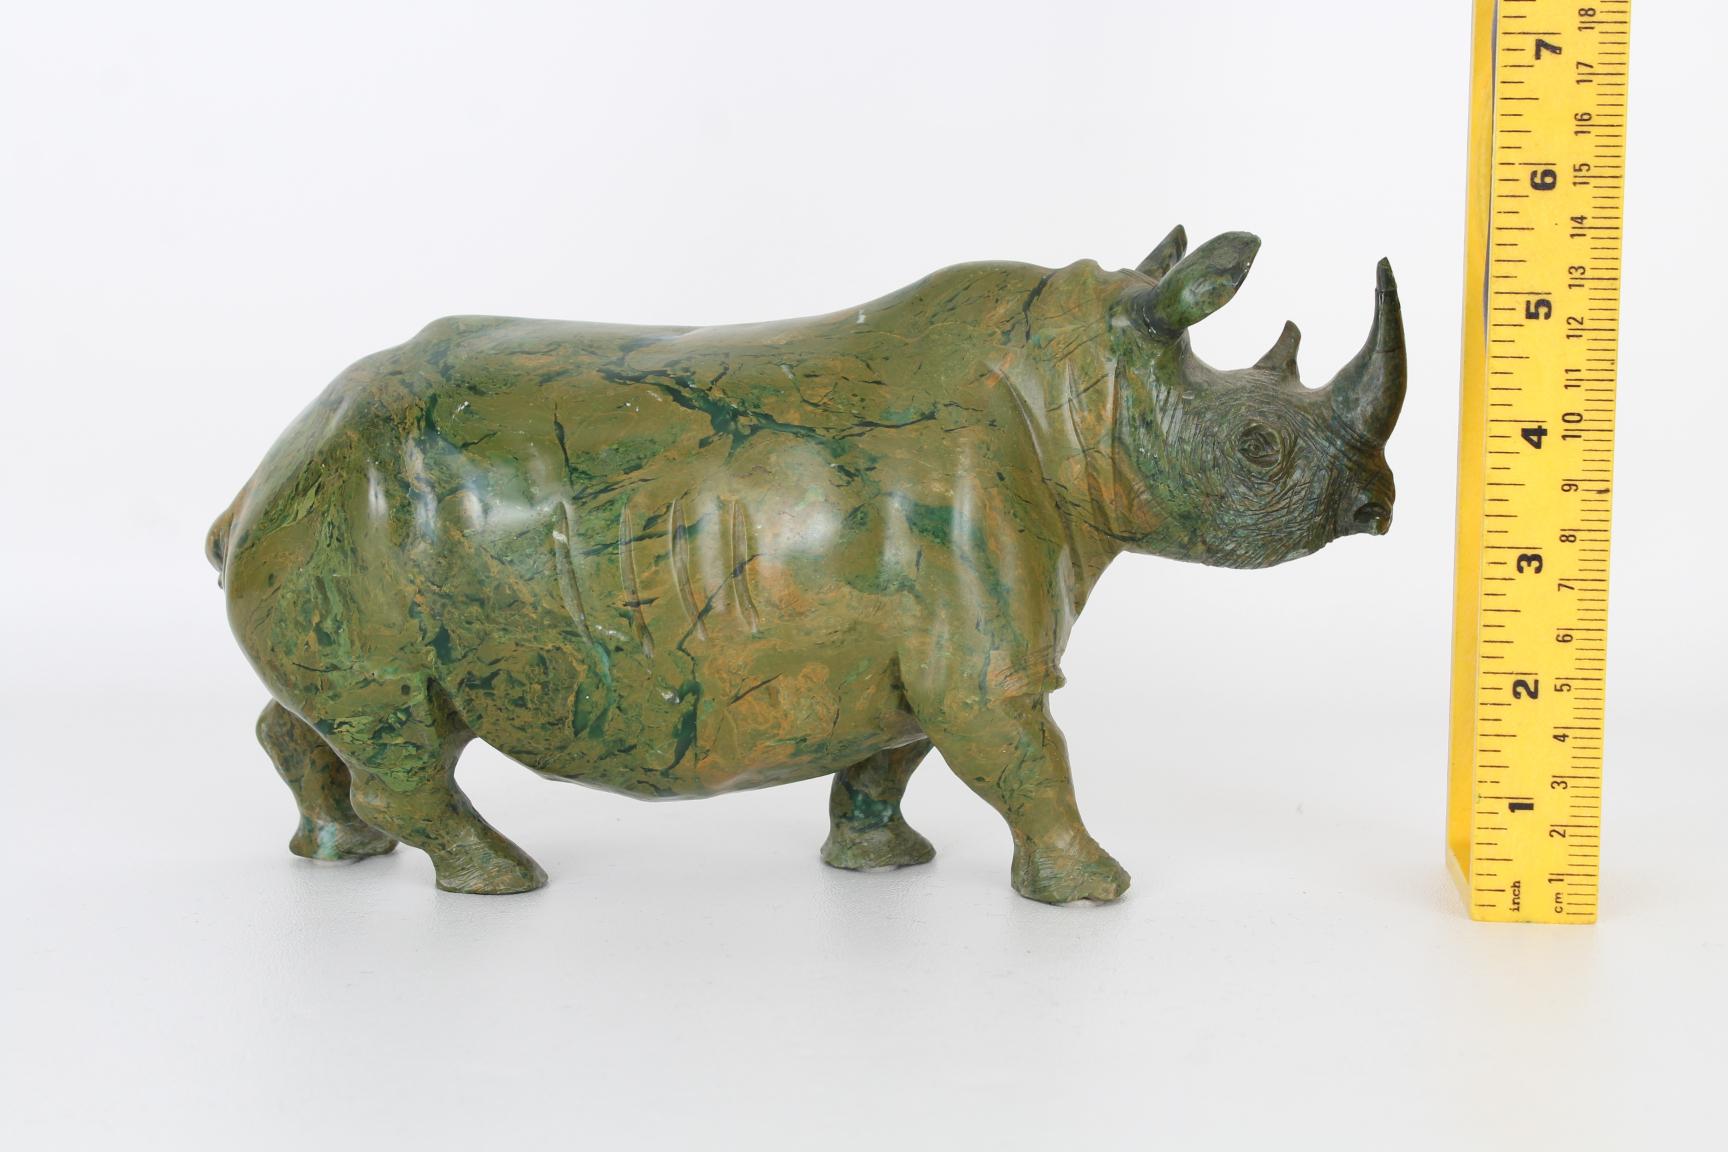 Vintage Carved Marble Rhinoceros - Image 5 of 5